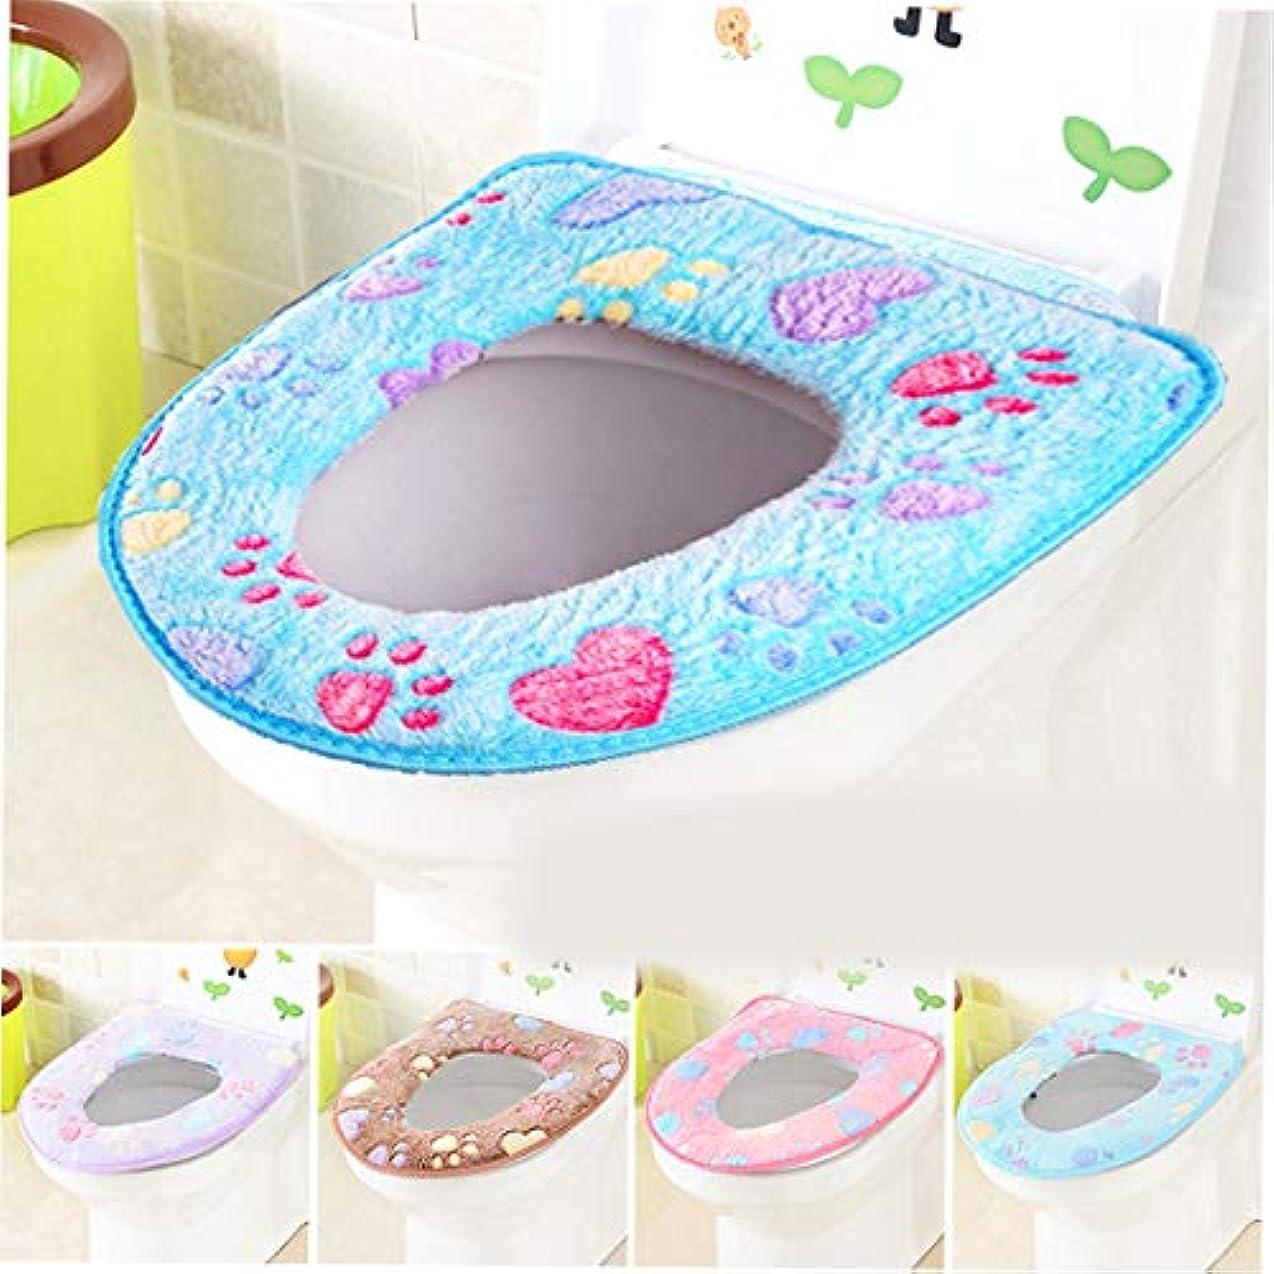 真剣にペインマネージャーSwiftgood トイレマット浴室柔らかく厚い暖かい便座カバーパッド伸縮性洗える布トイレ便座クッション